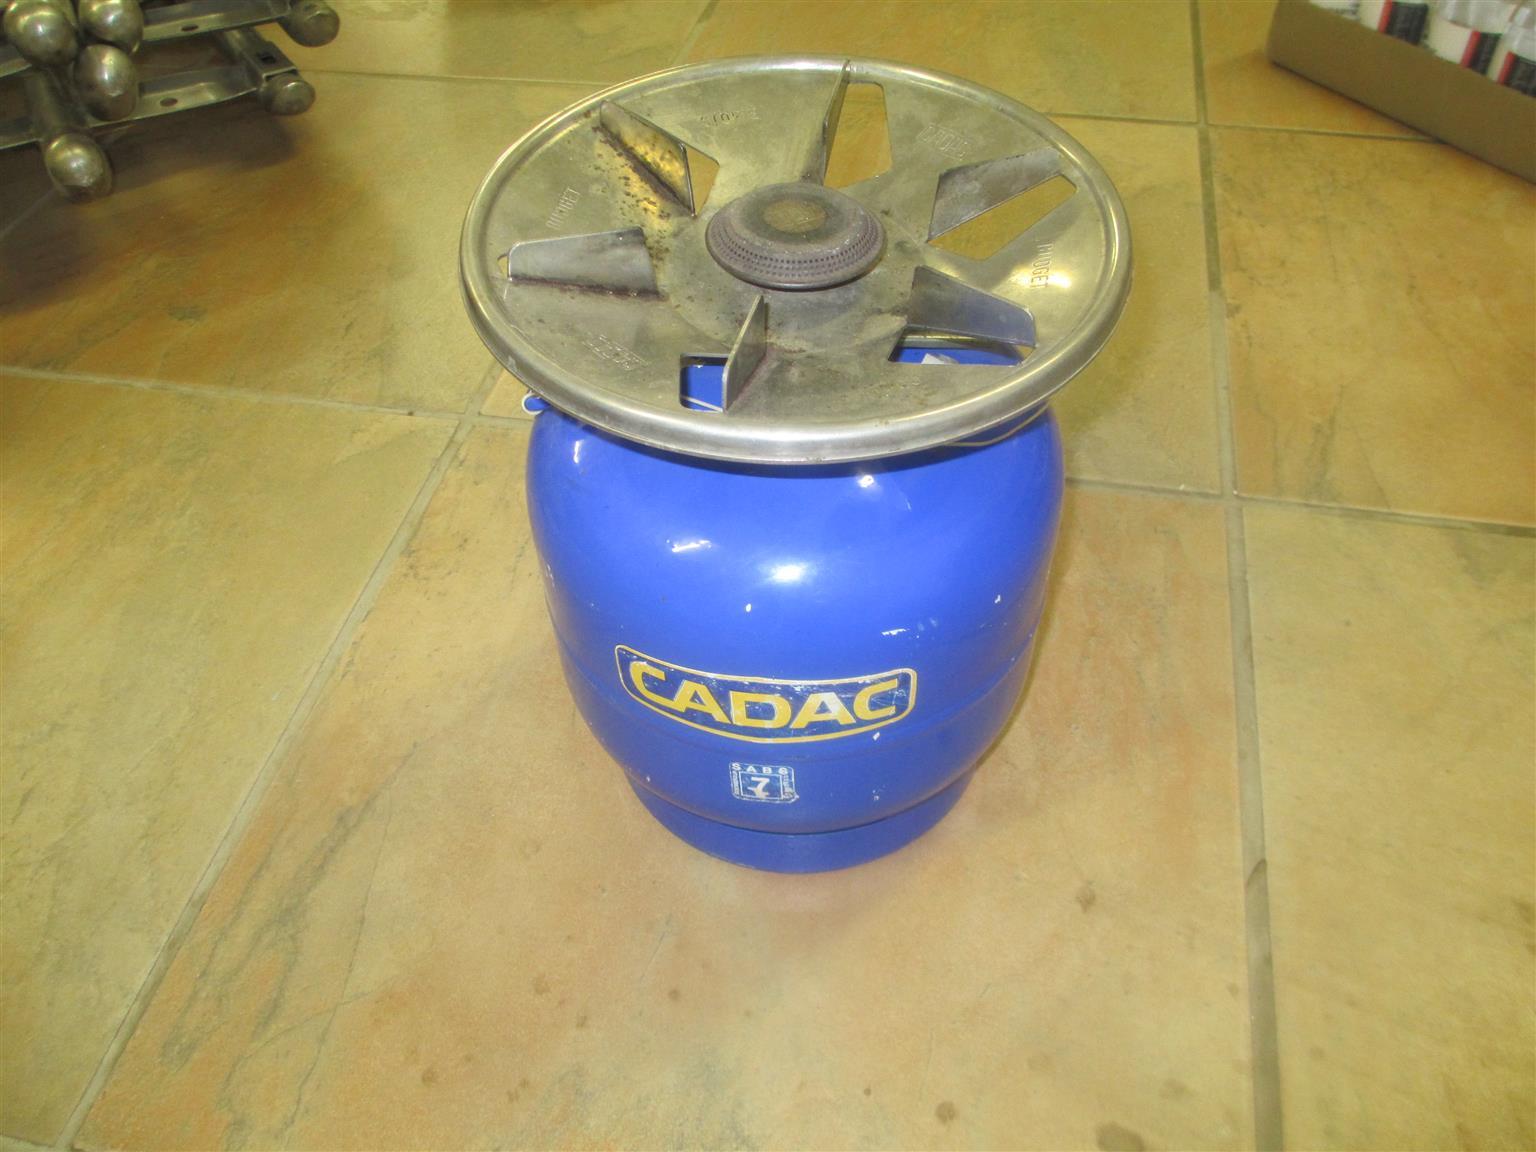 3kg cadac gas cylinder